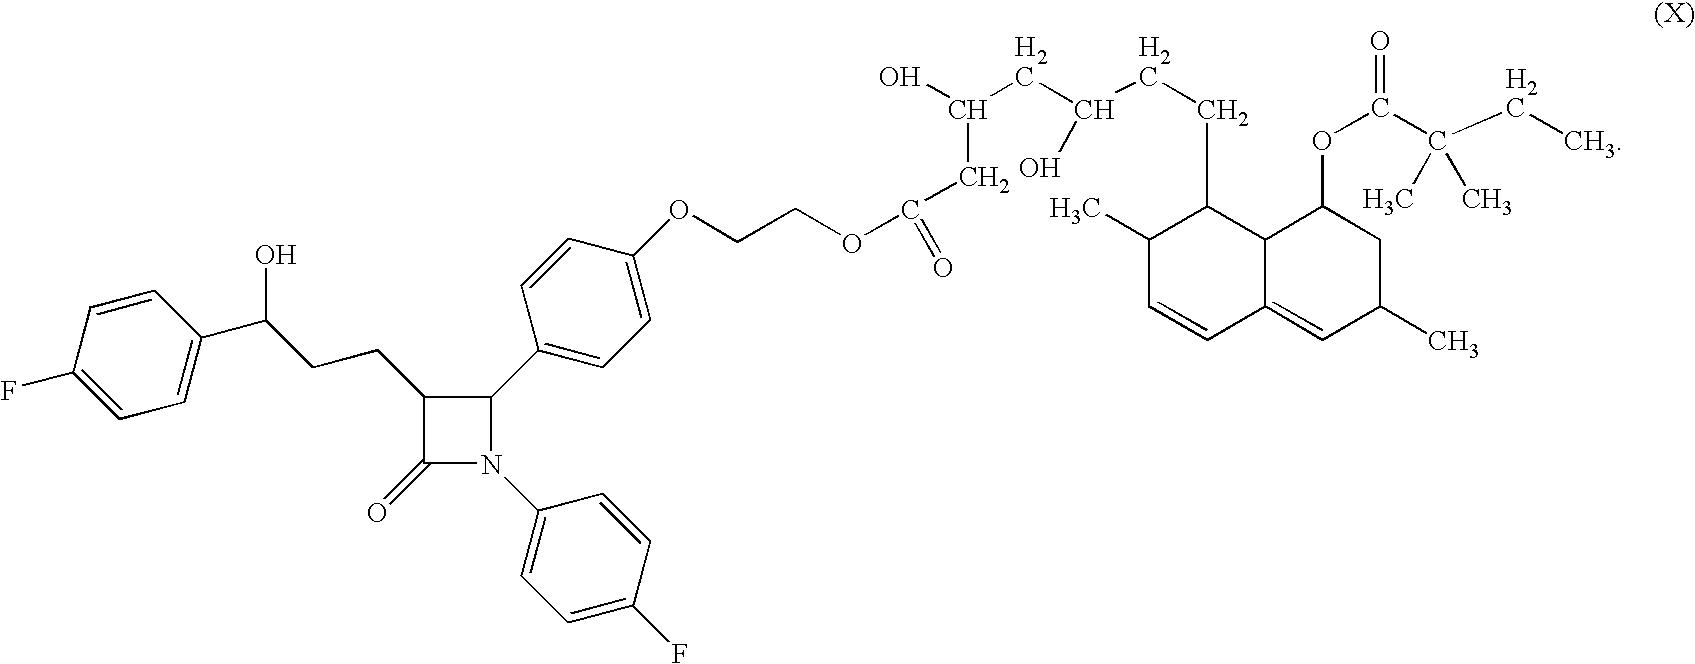 Figure US07741289-20100622-C00023